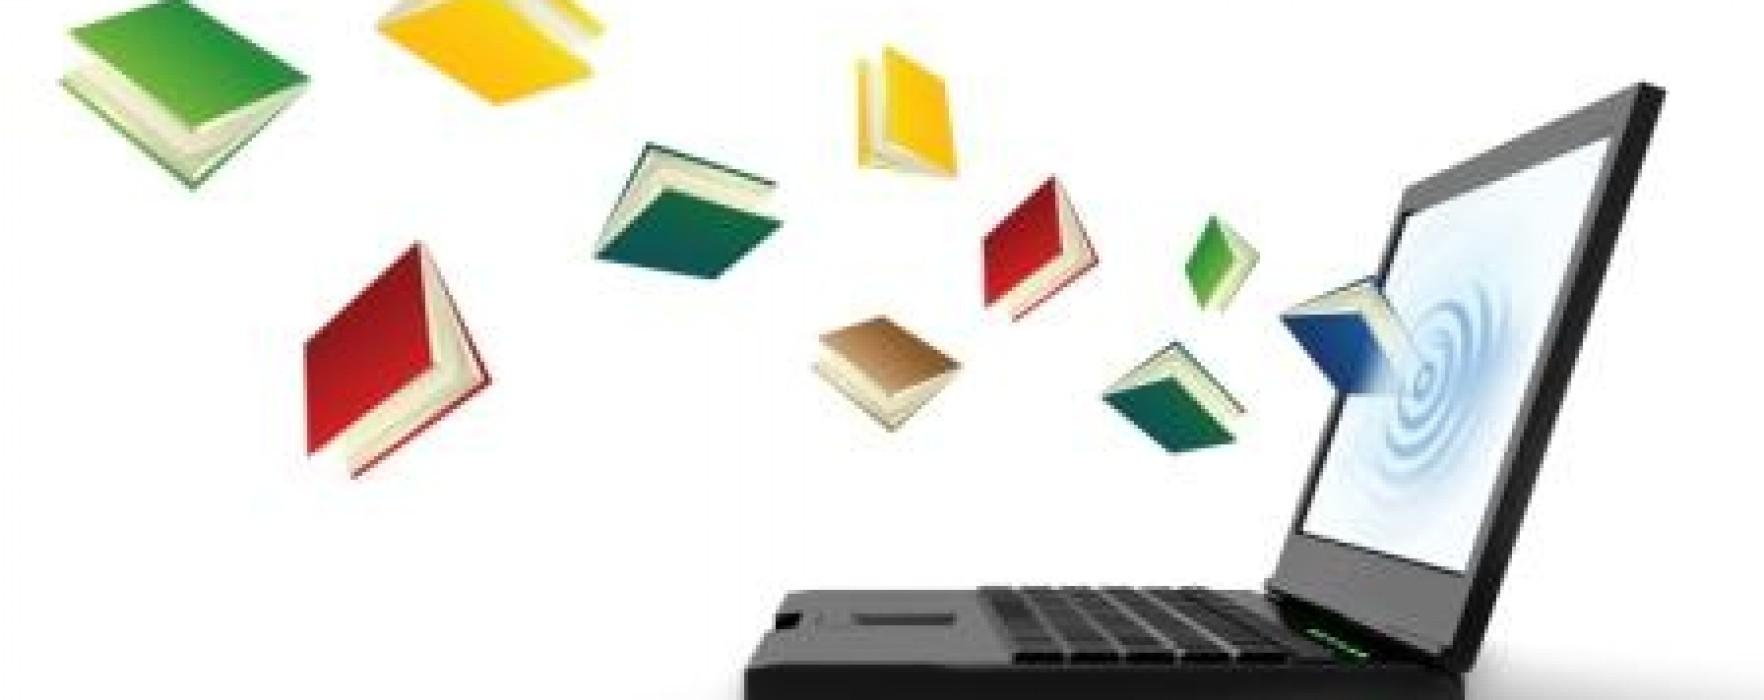 Degli scrittori ed editori in cerca di recensioni